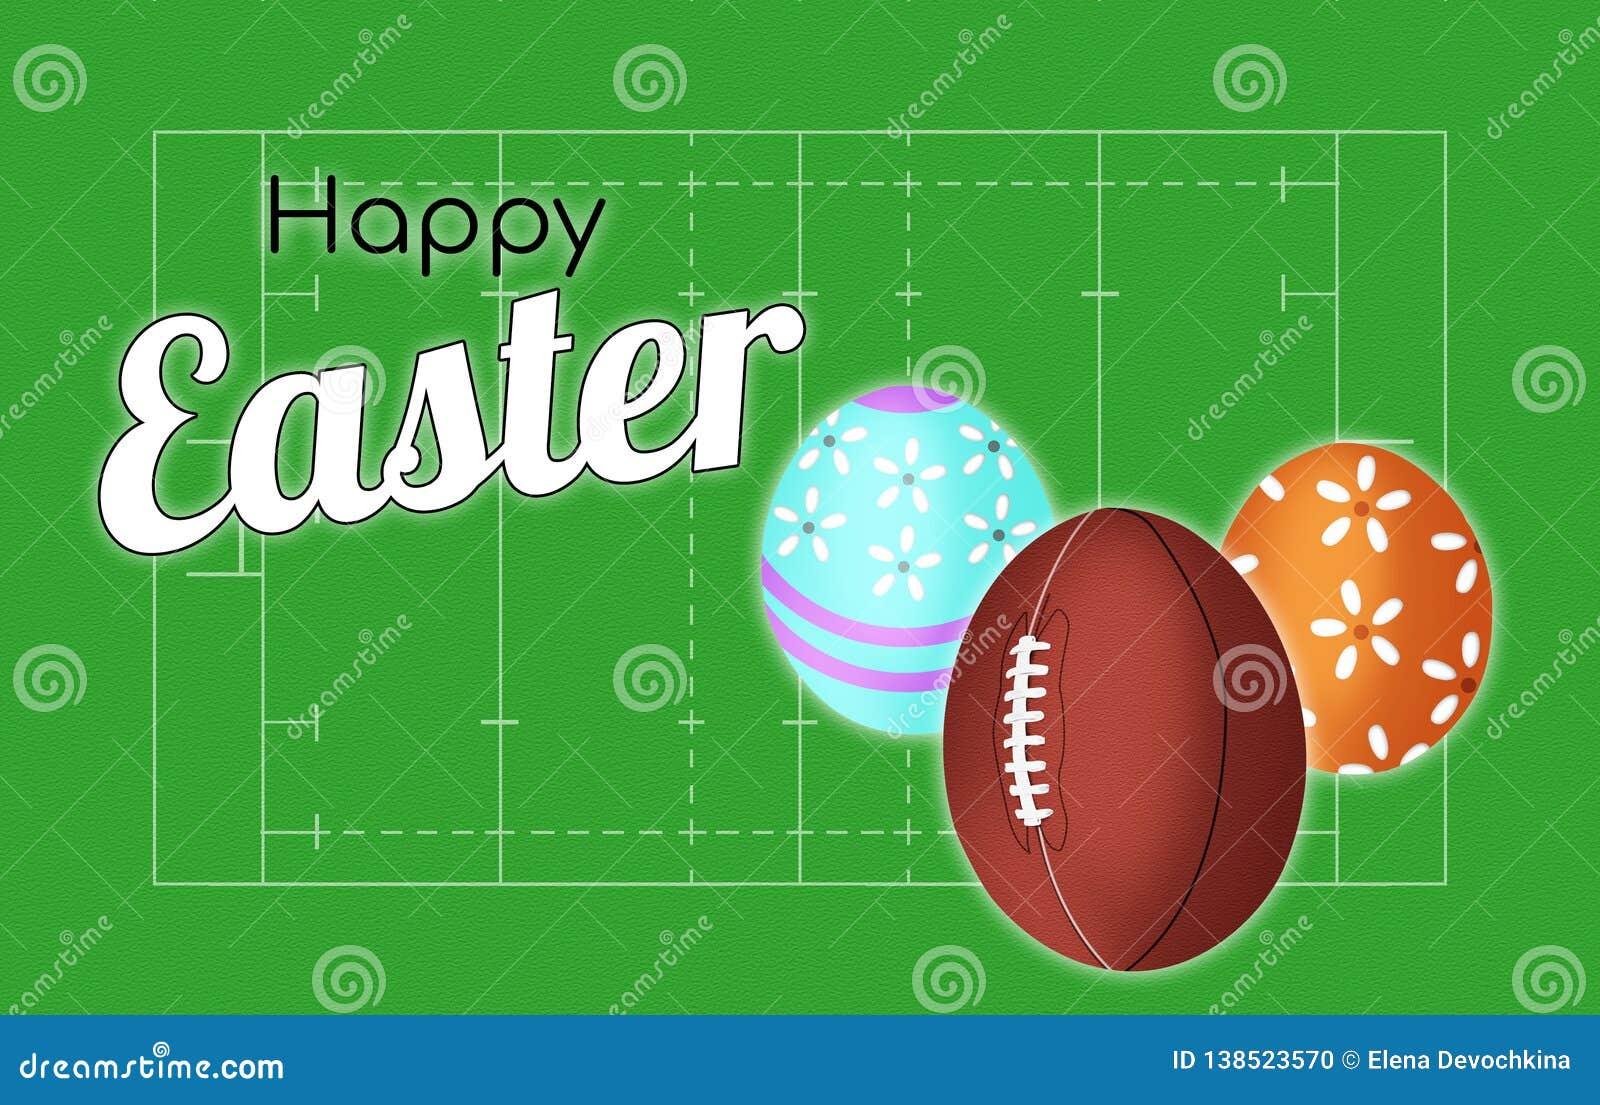 Copertura felice della cartolina d auguri di Pasqua della congratulazione di rugby sui precedenti del campo e con la palla sotto